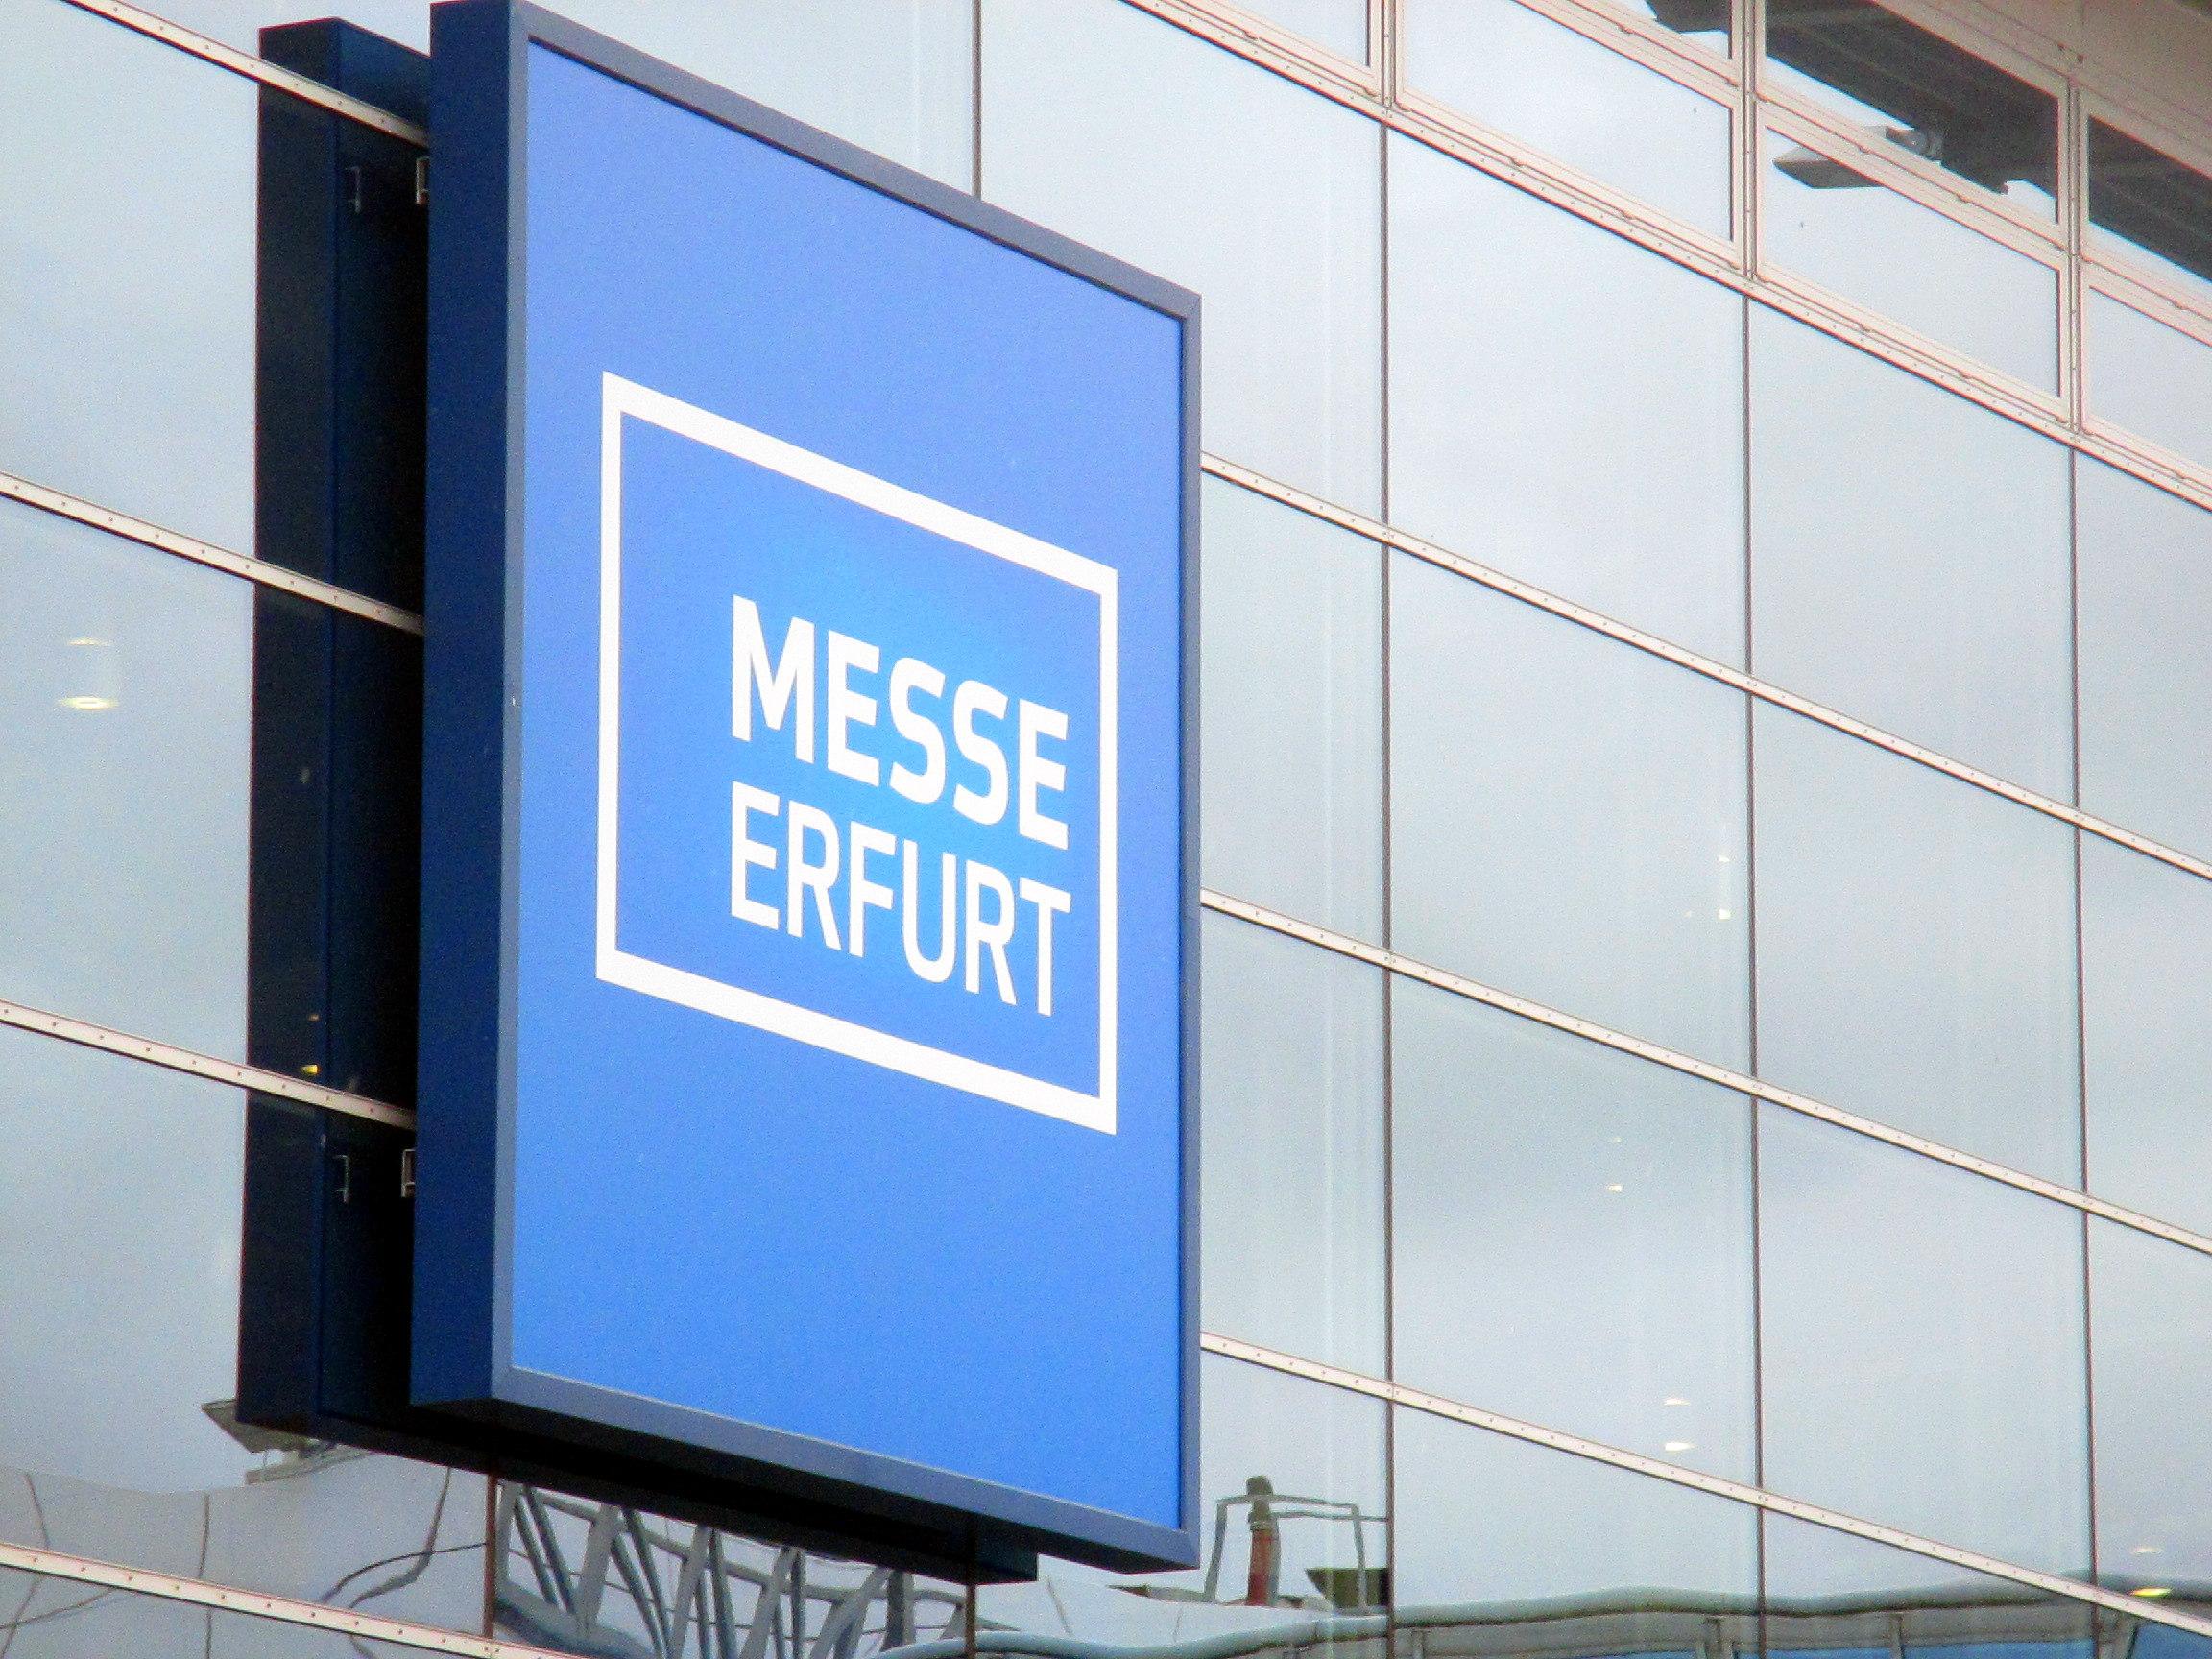 messe-erfurt-1